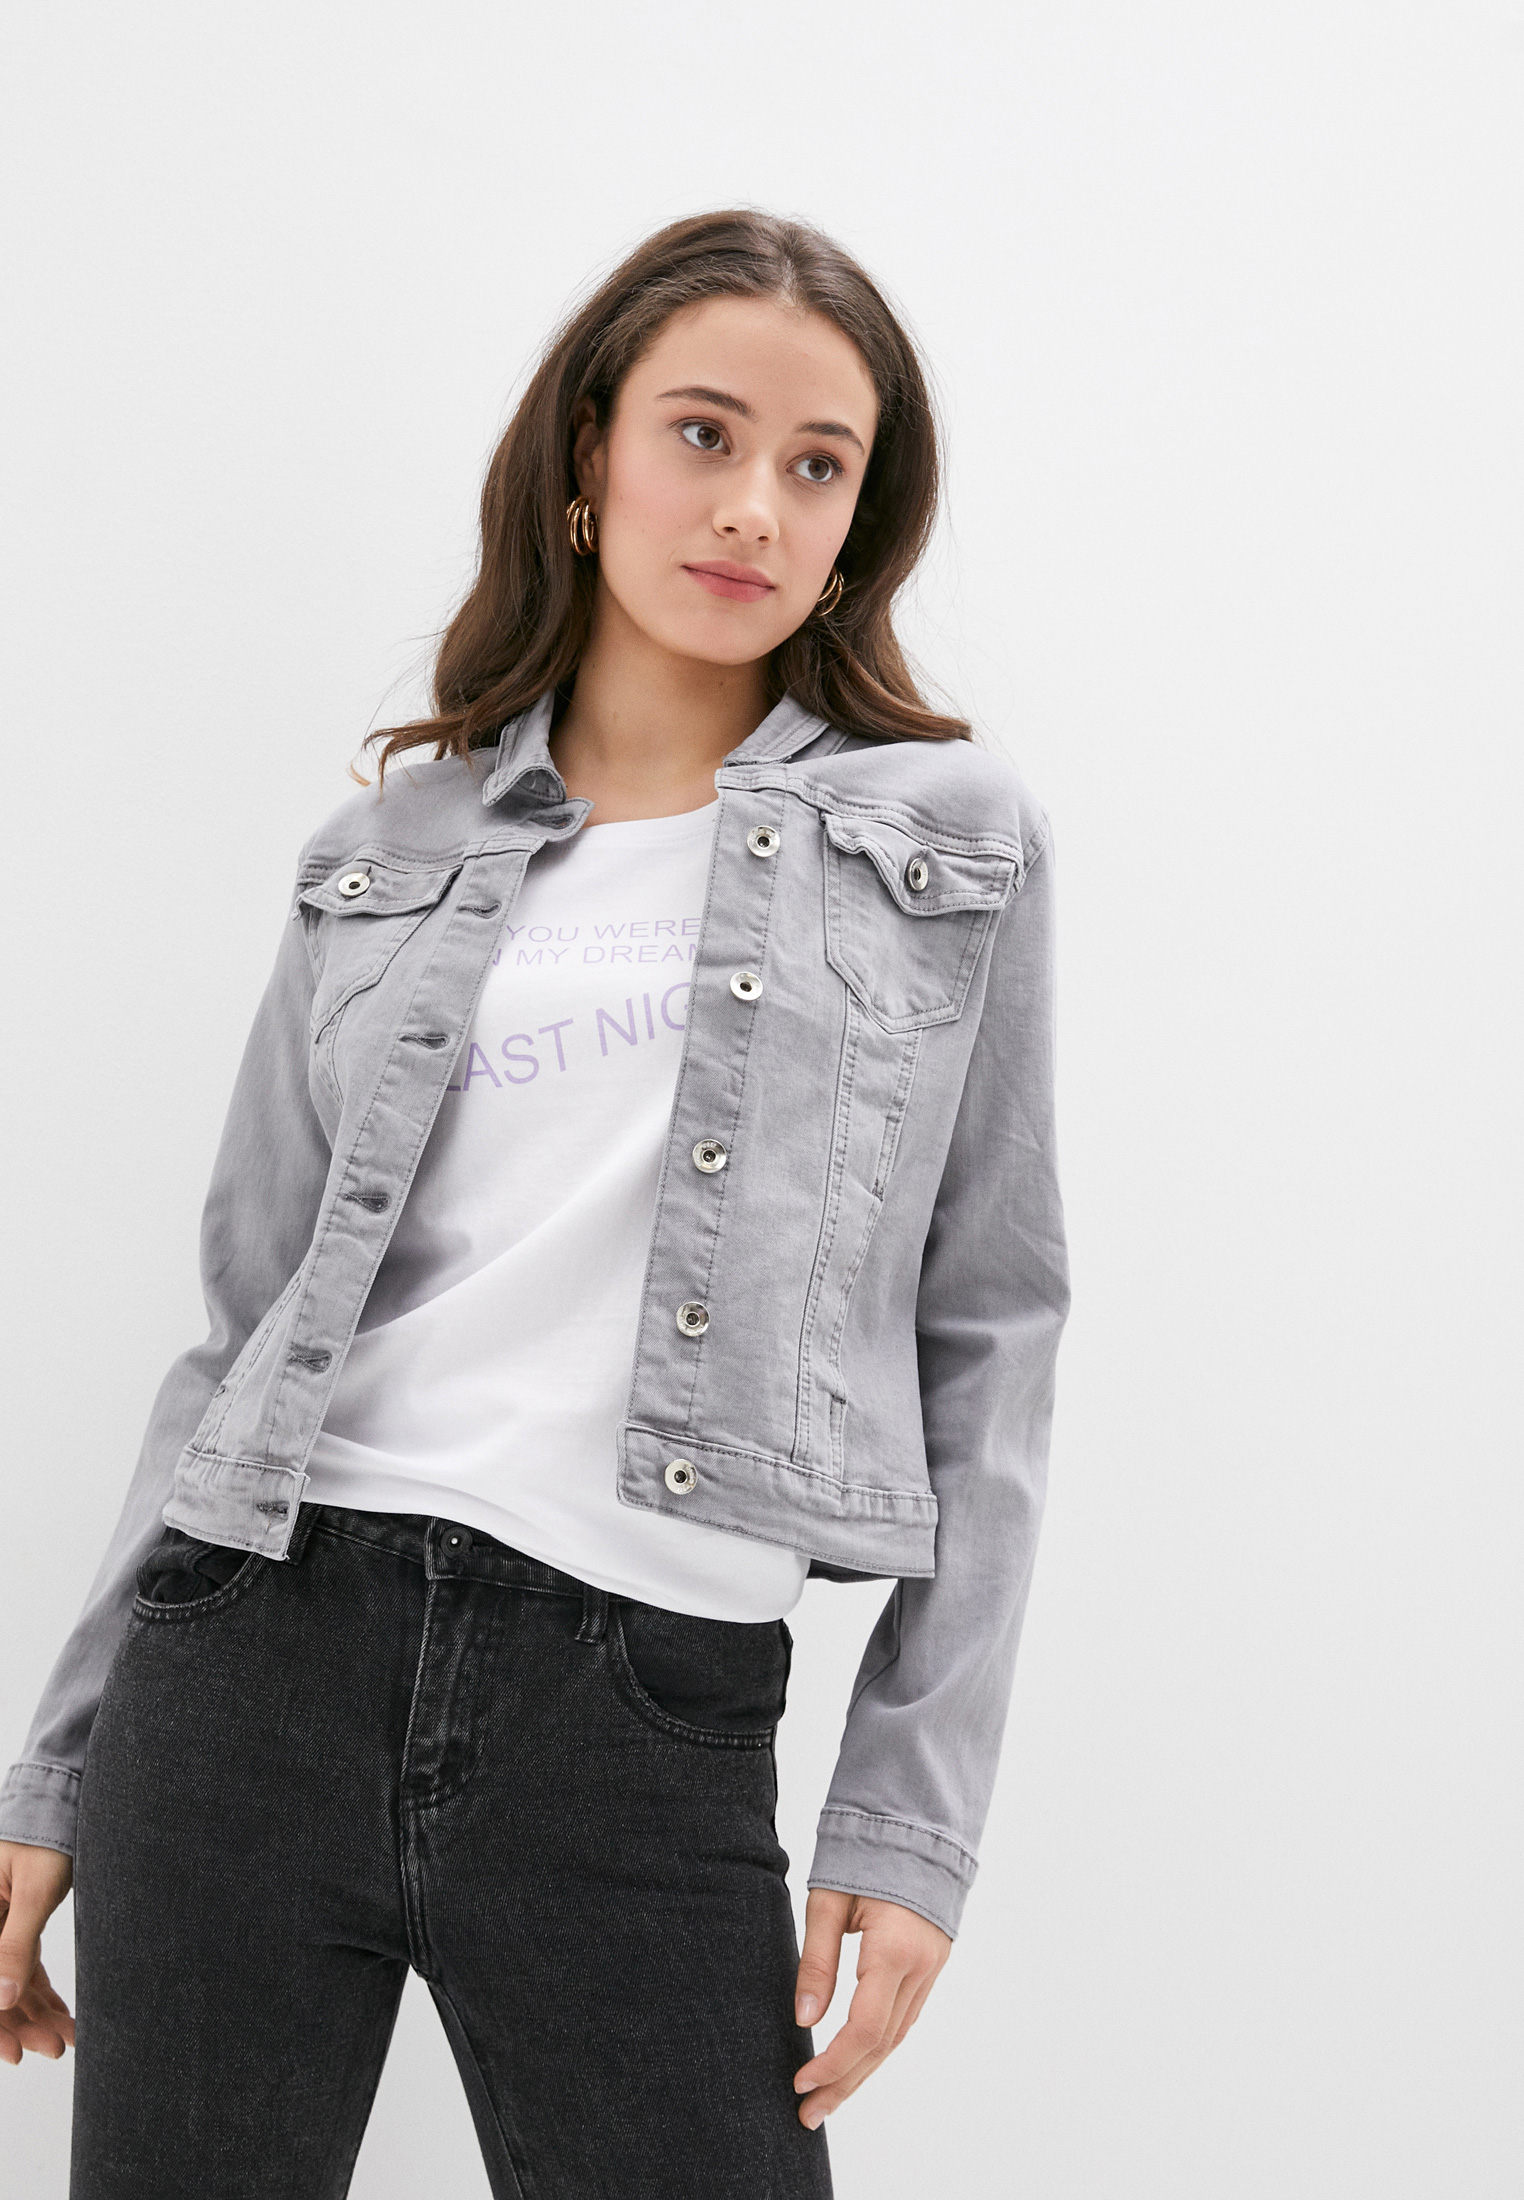 Джинсовая куртка Softy M6150